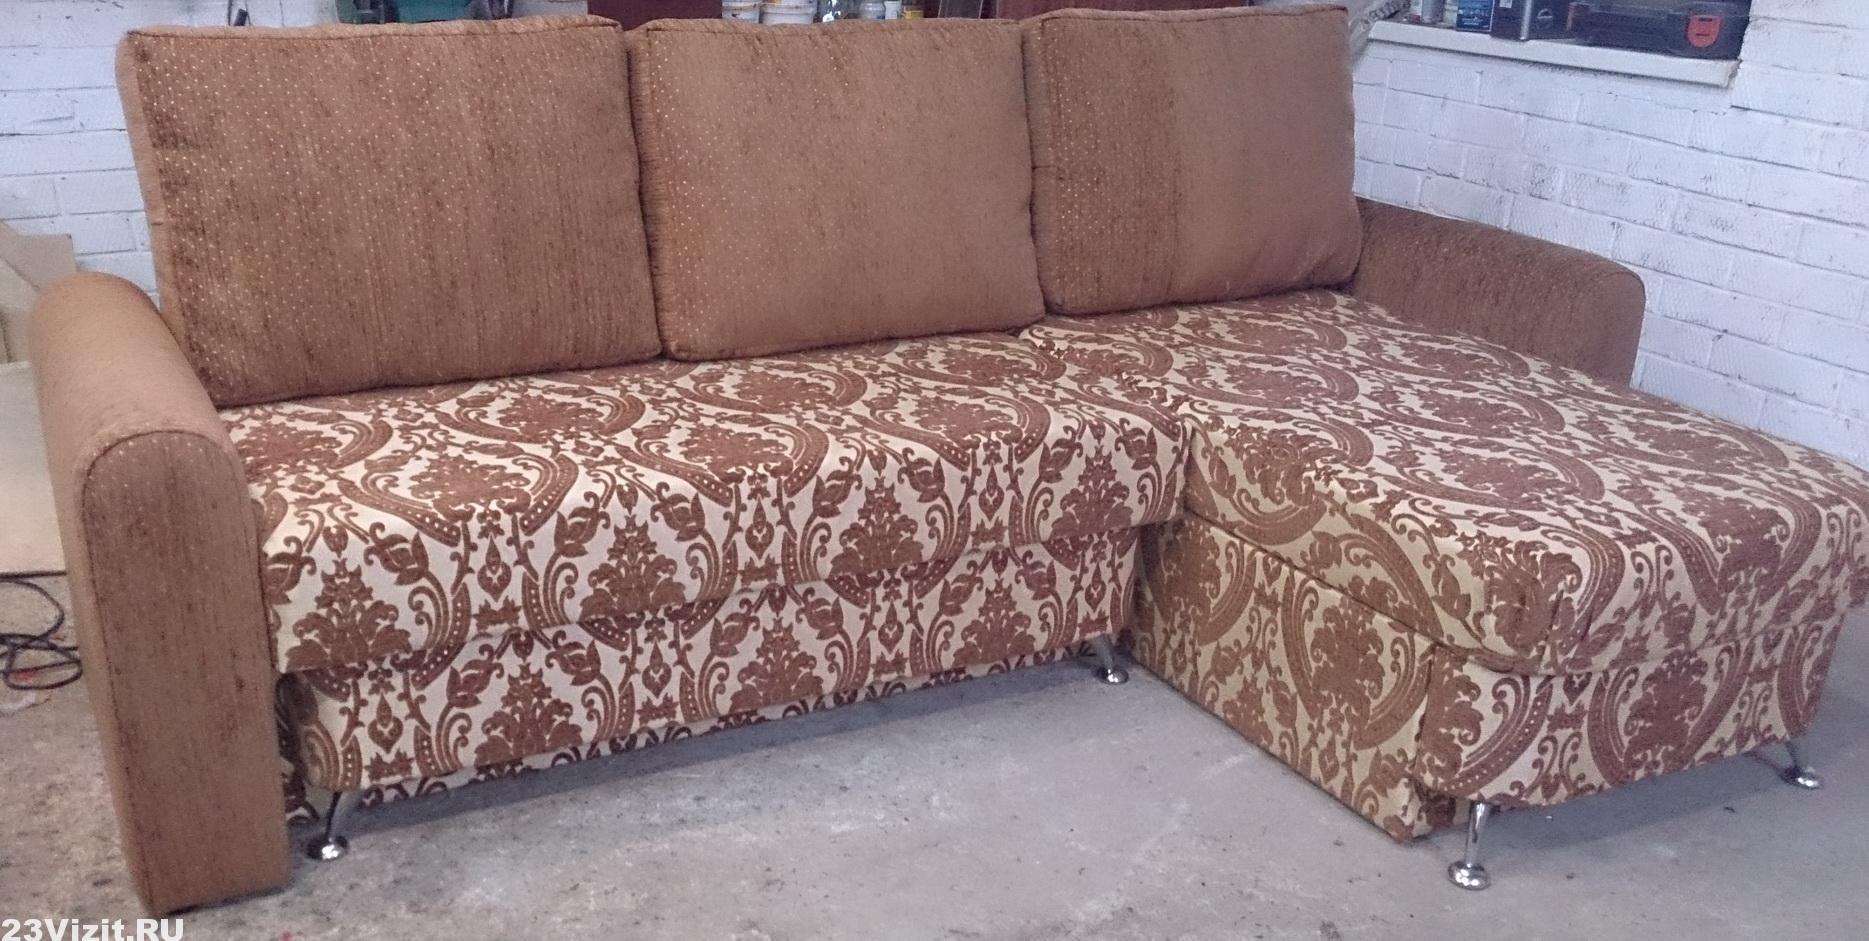 удаление пятен мягкой мебели Коломна цена